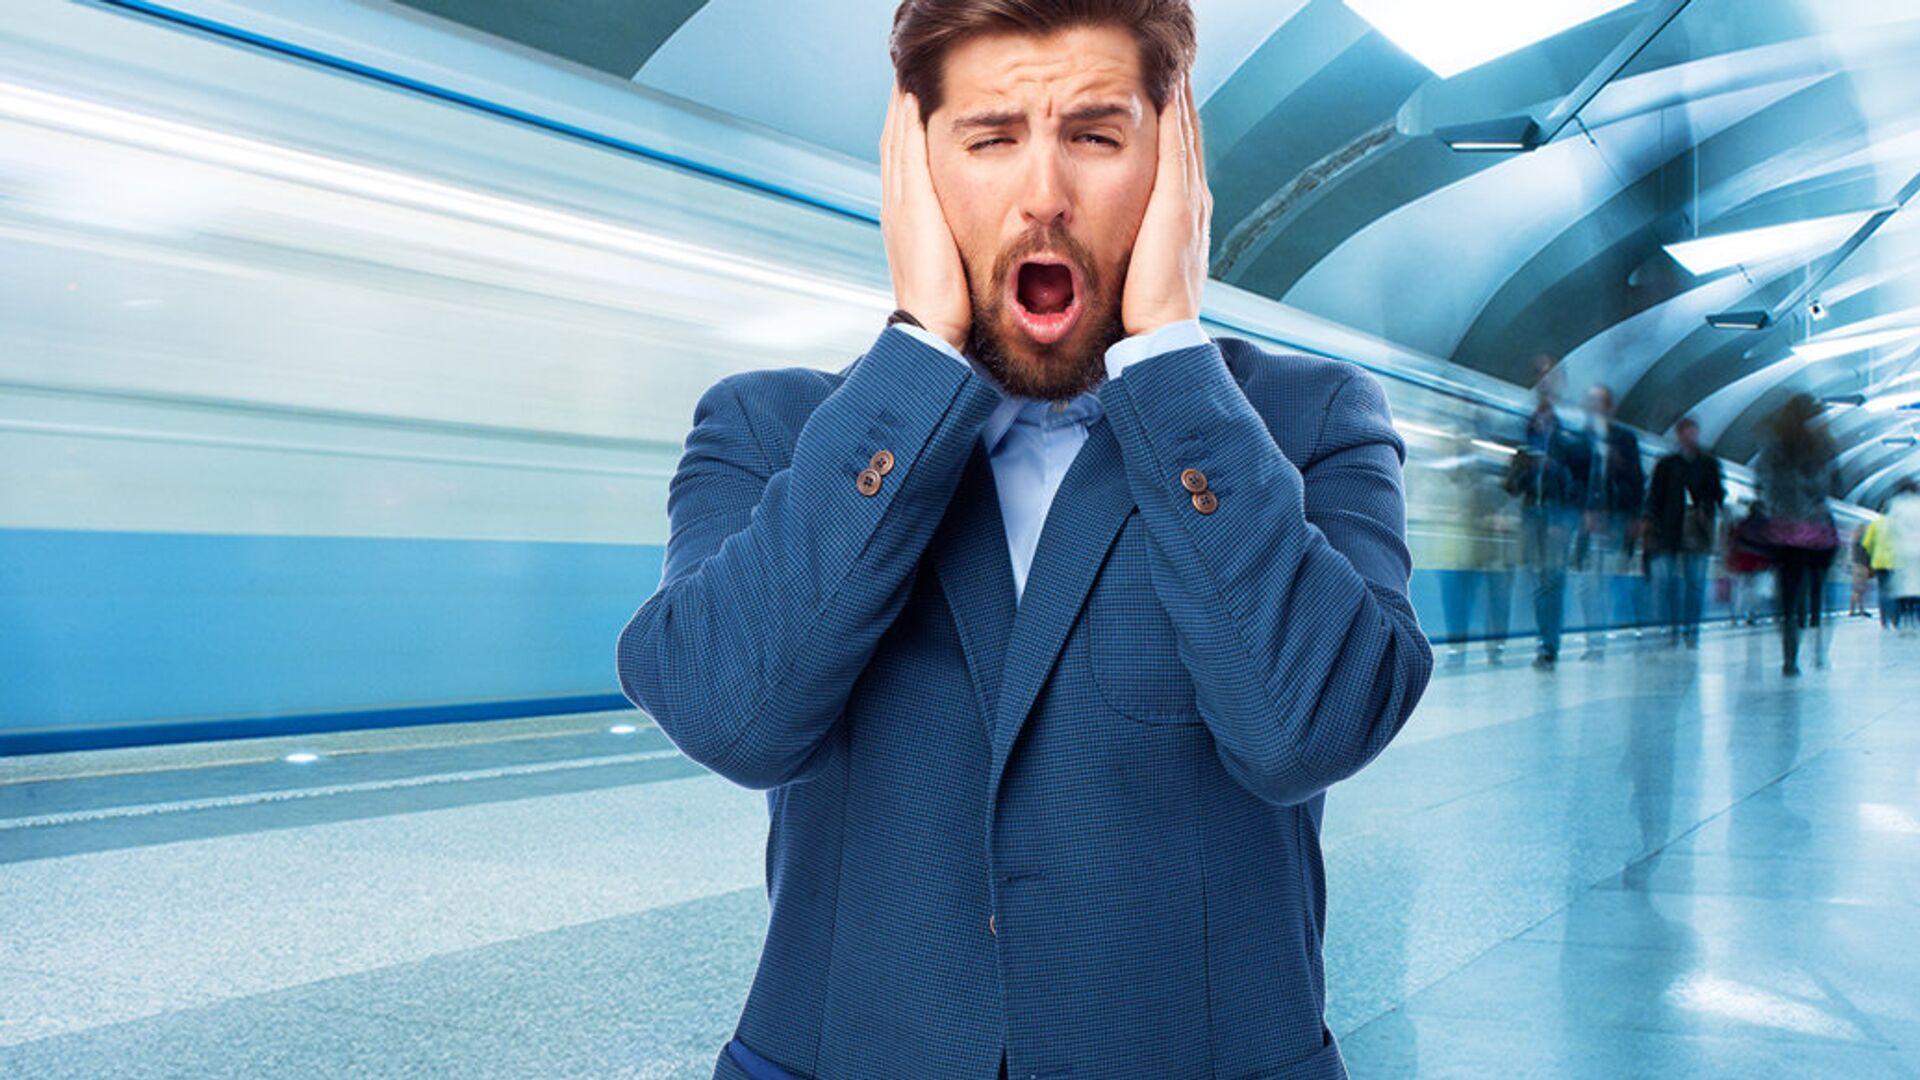 Шум метро негативно влияет как на нервную систему, так и на слух - РИА Новости, 1920, 27.03.2021